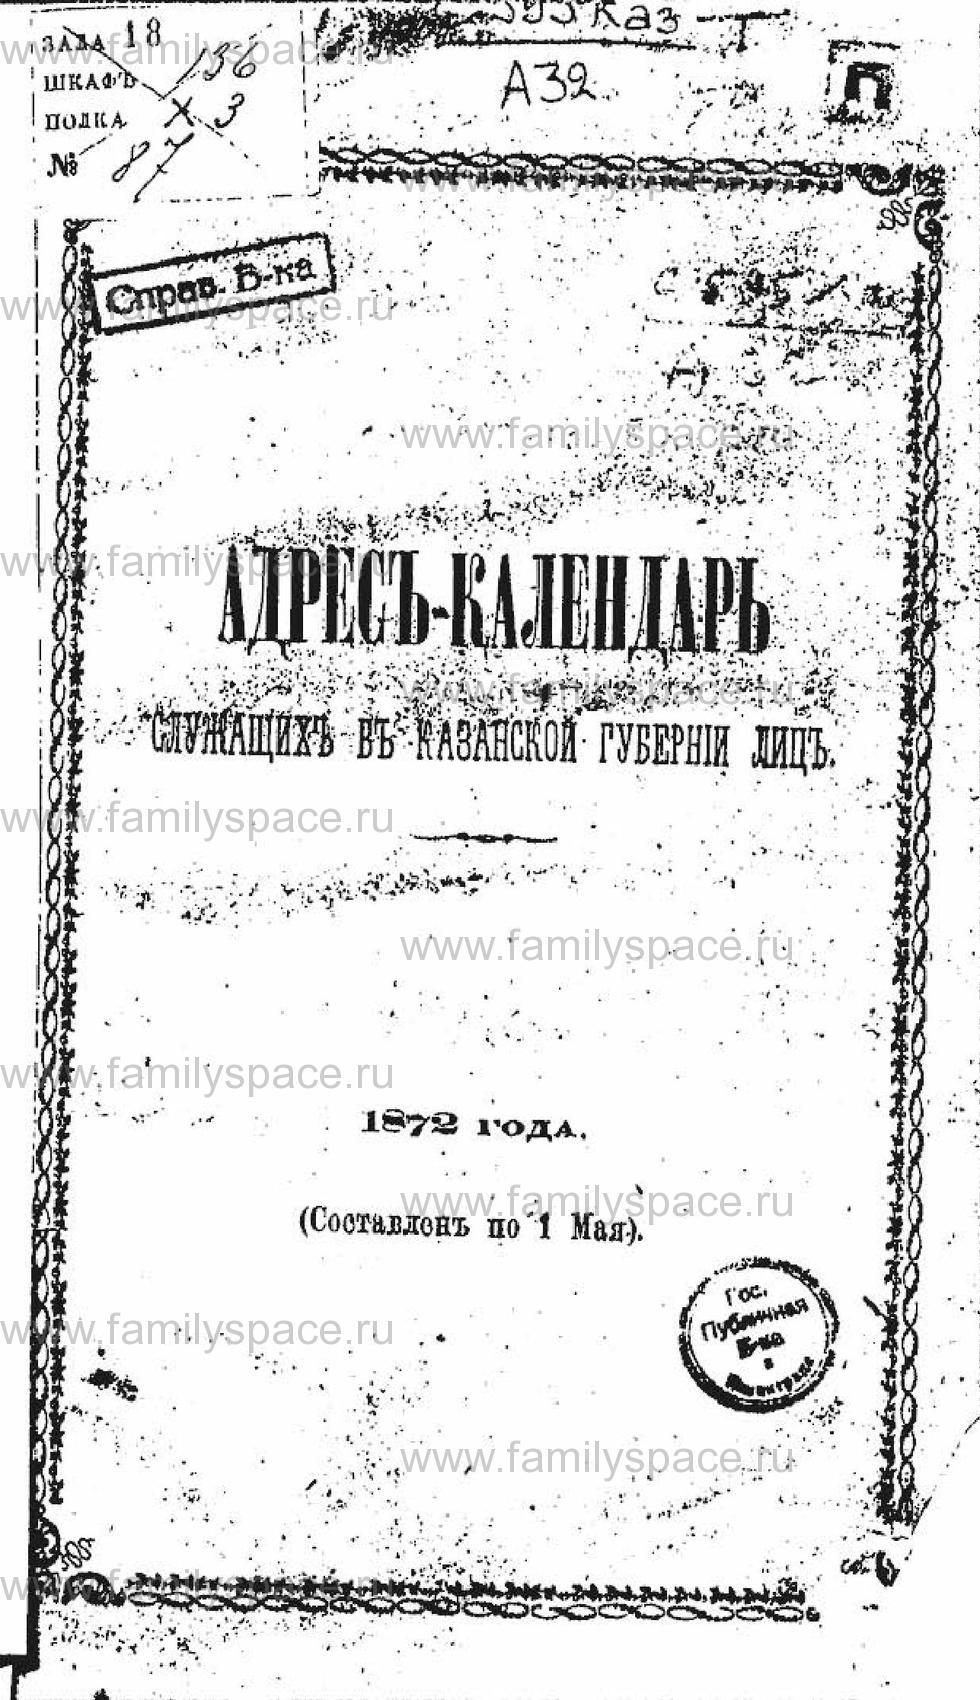 Поиск по фамилии - Адрес-календарь служащих в Казанской губернии лиц - 1872 год, страница -1